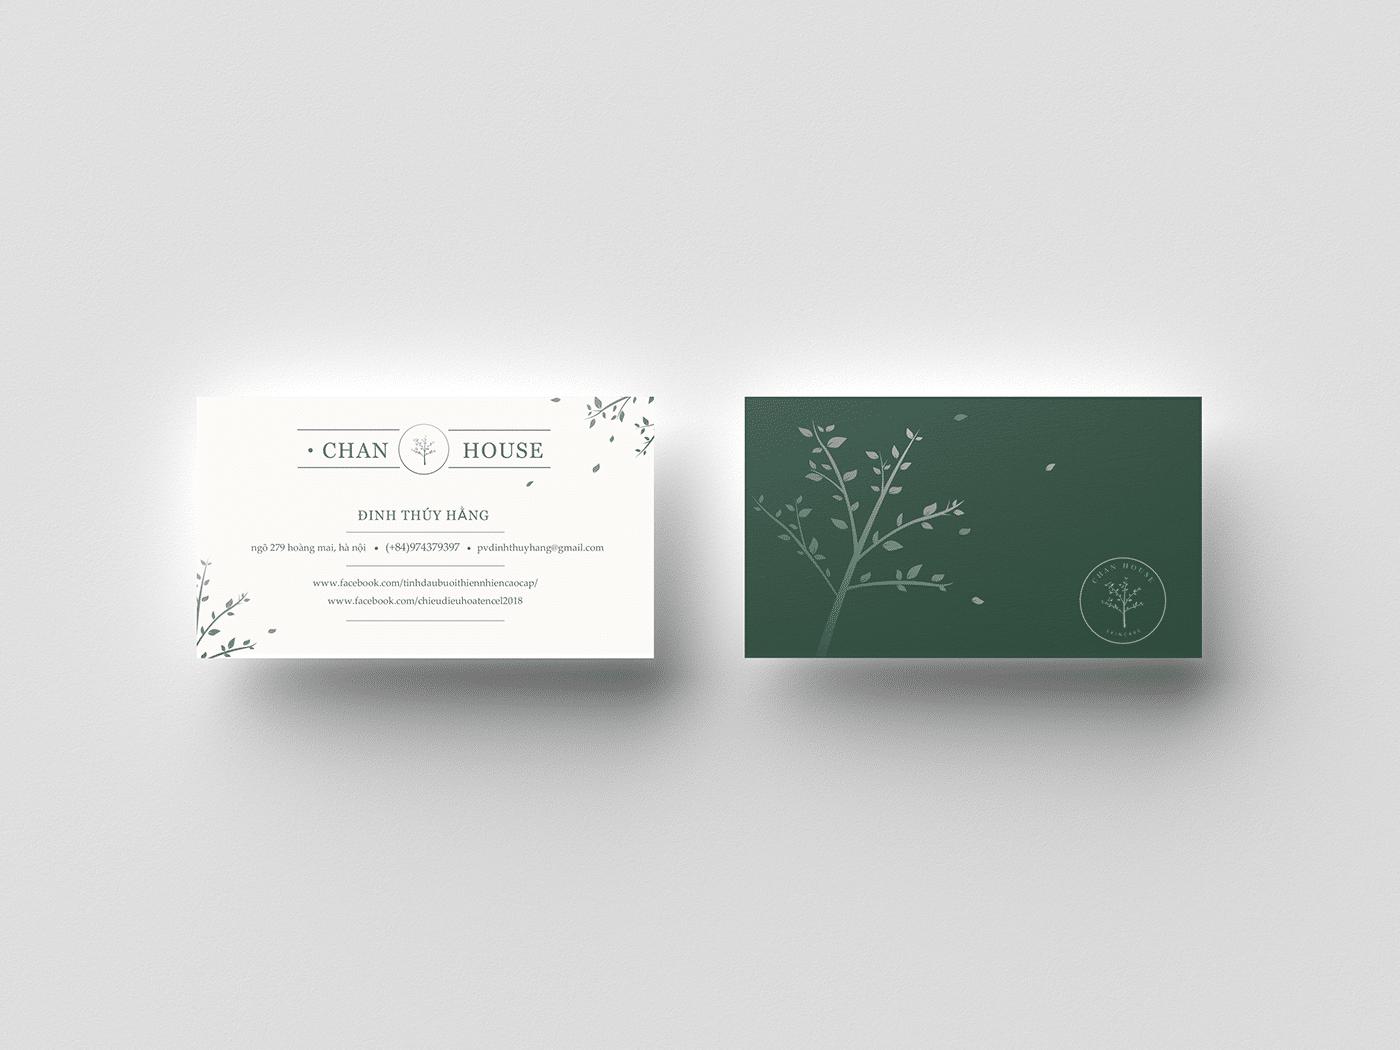 thietkenamecard008